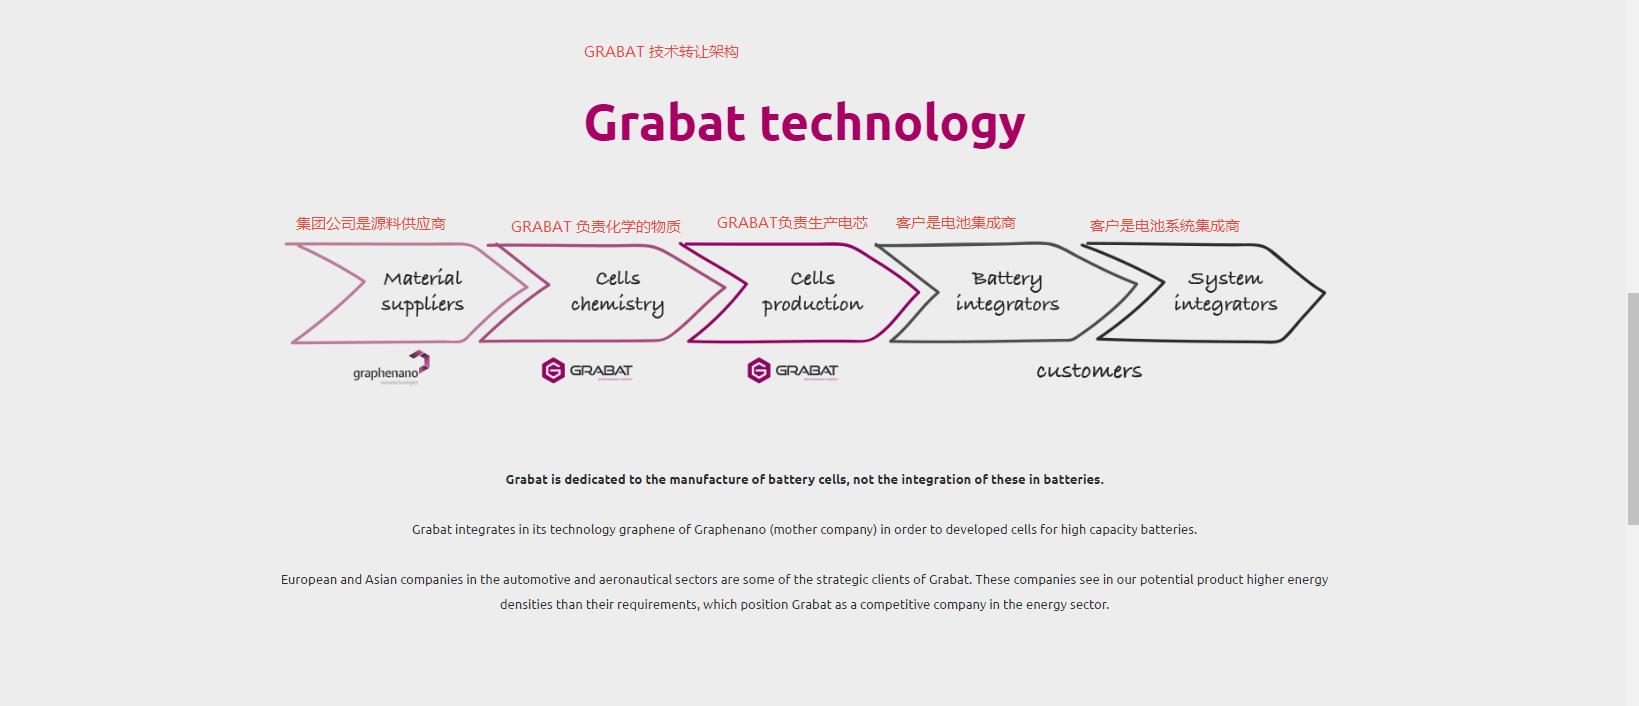 GRABAT 网站已经更新,正泰还不公告,到底是什么意思_正泰电器(601877